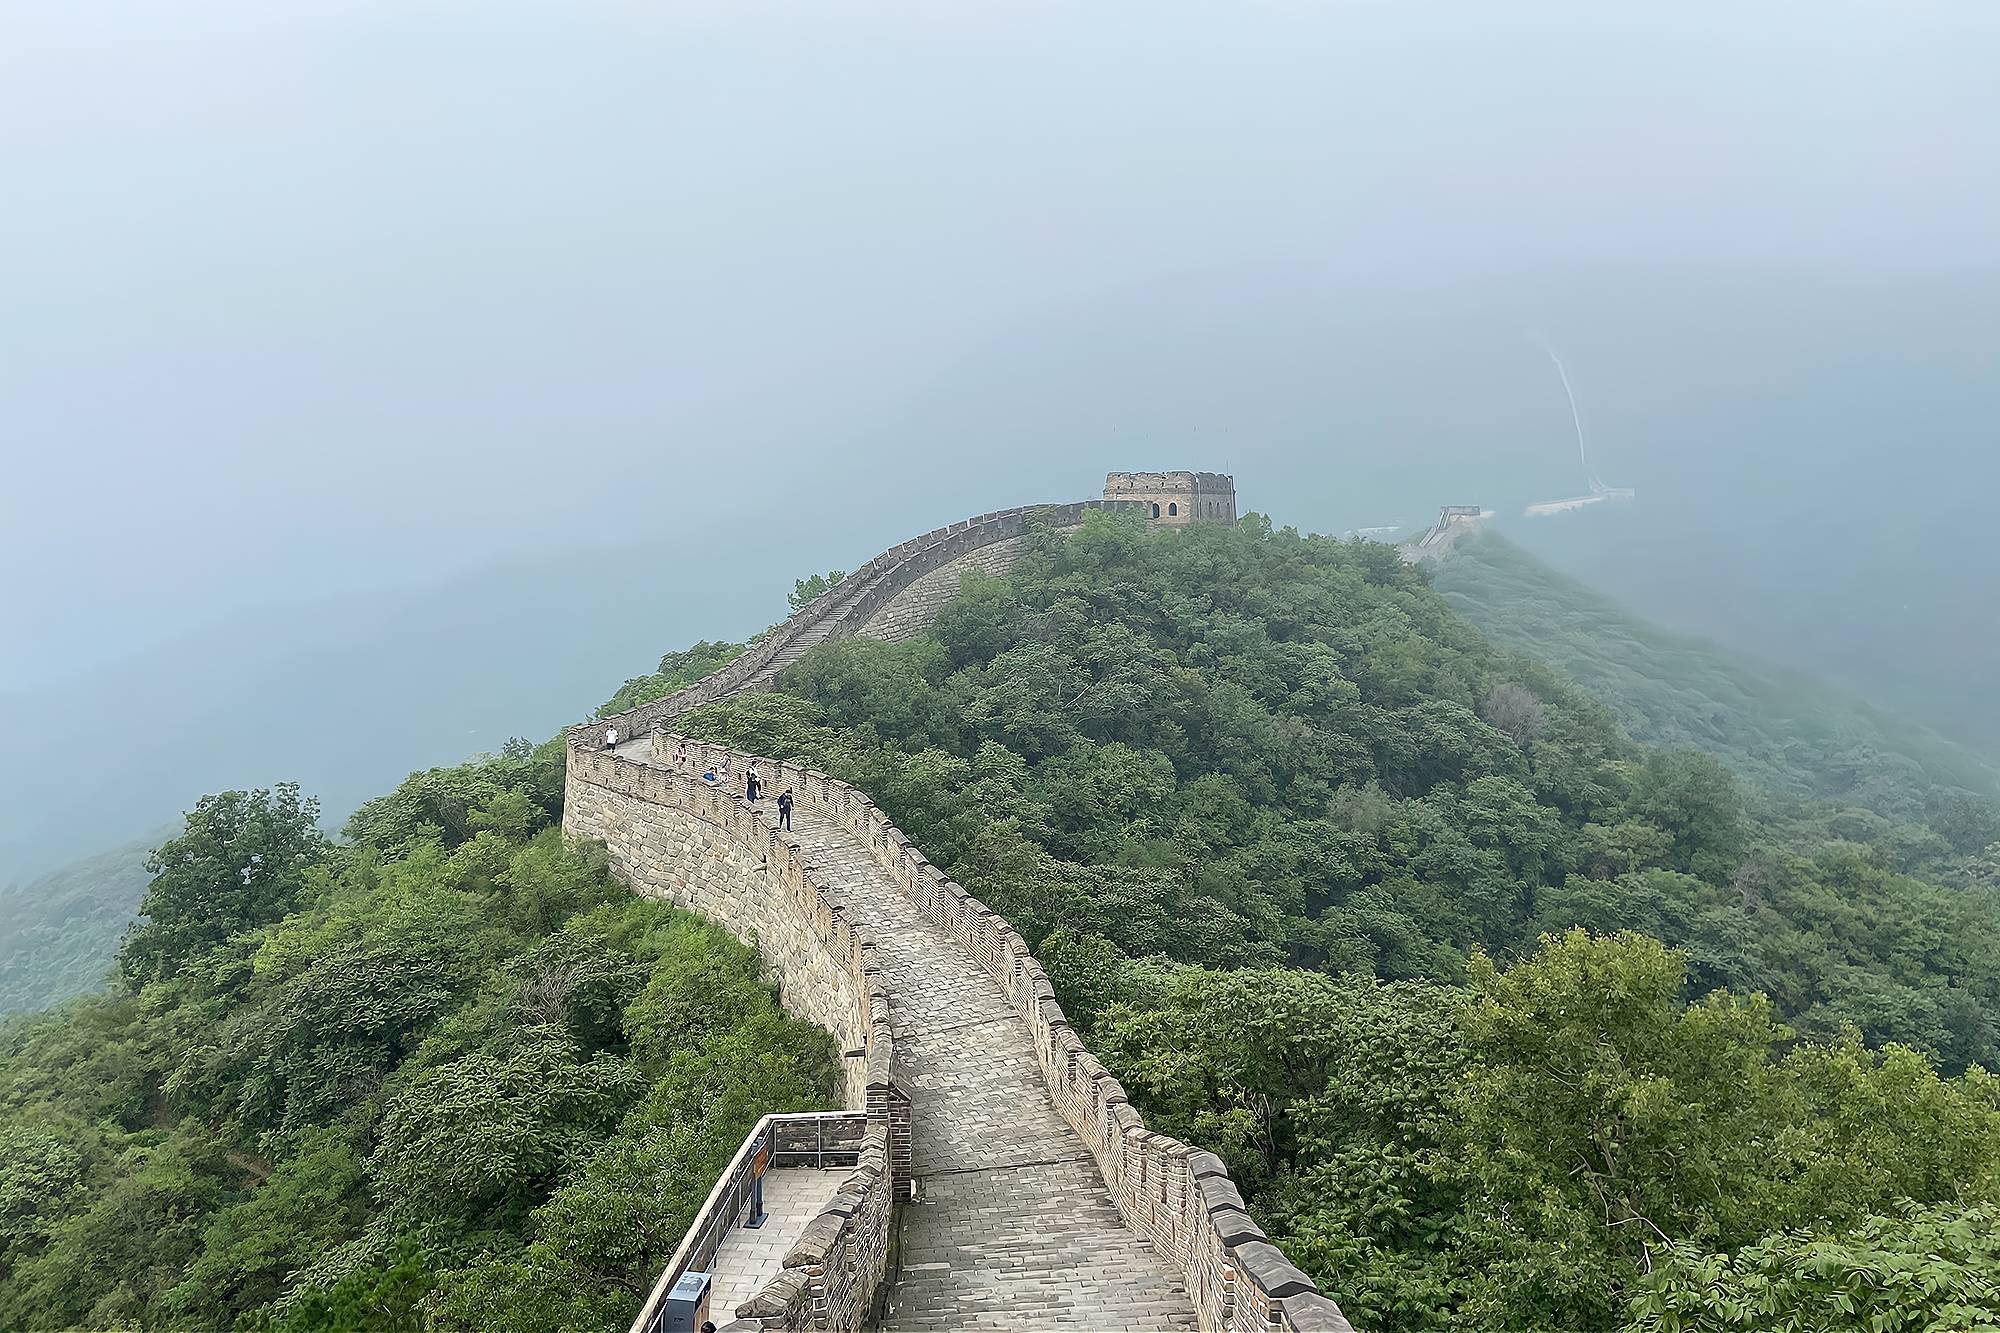 北京旅游必去的3大景点,皆为世界文化遗产,你都去过了吗?